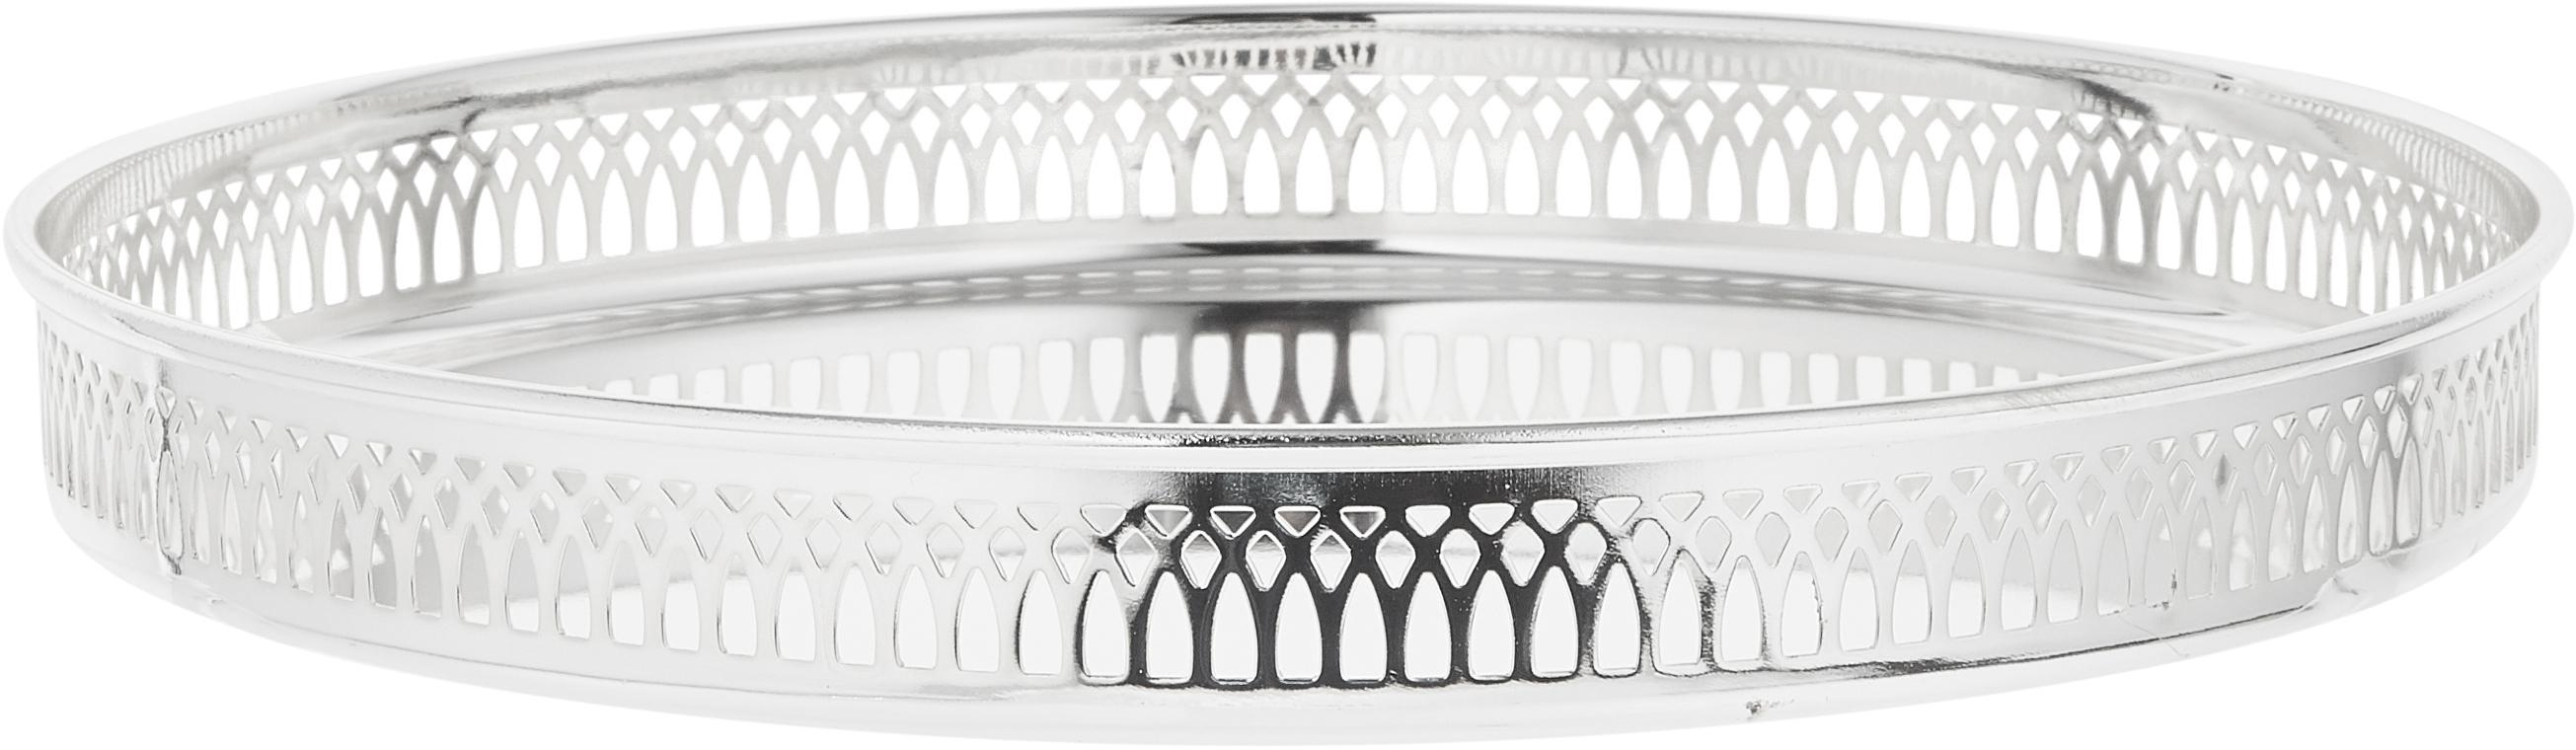 Bandeja redonda Delphi, Acero, plateado, Plata, Ø 30 cm